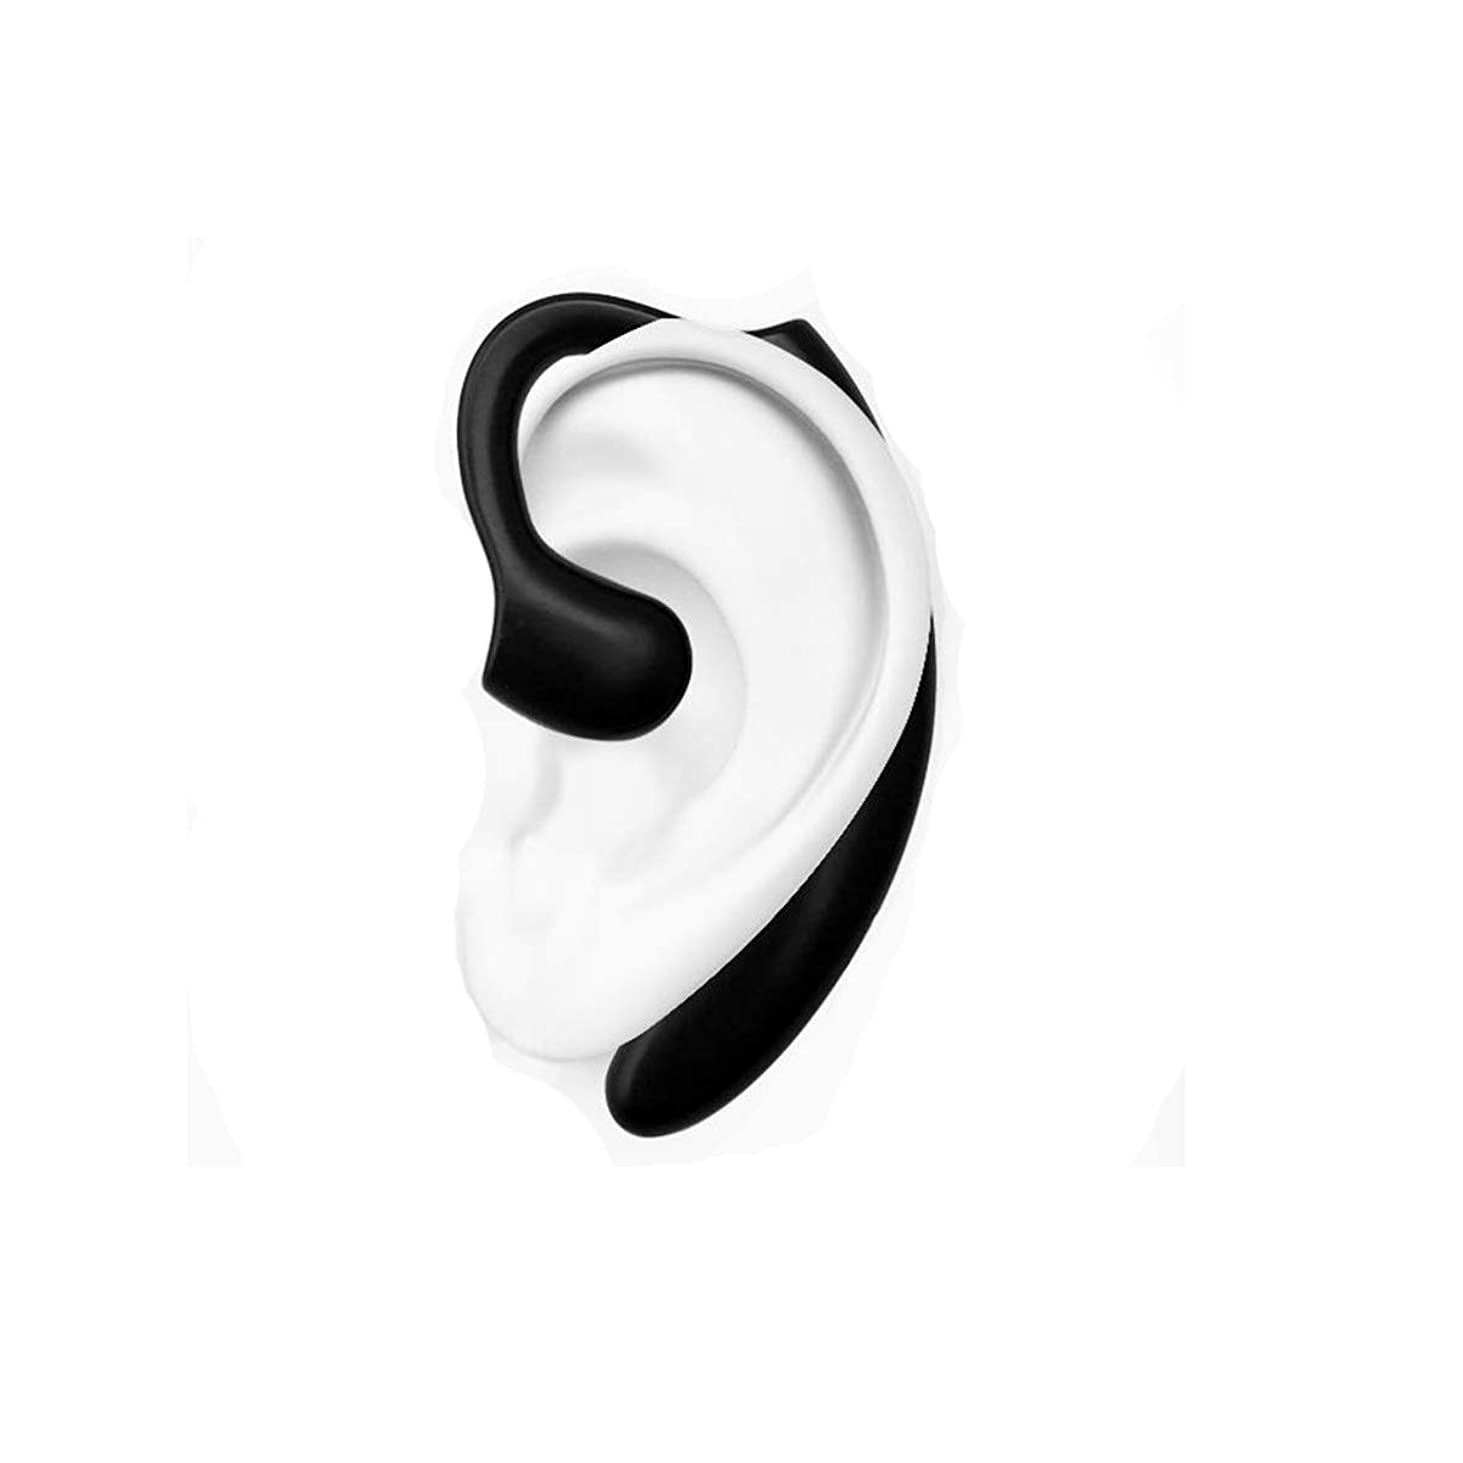 屋内有限先生MINGSHENGWANGLUOKEJI ブルートゥースヘッドセット5.0ワイヤレスは、電話の骨伝導ハンギングイヤーワイヤレスヘッドセットを運転することができます ヘッドフォン (Color : Silver)